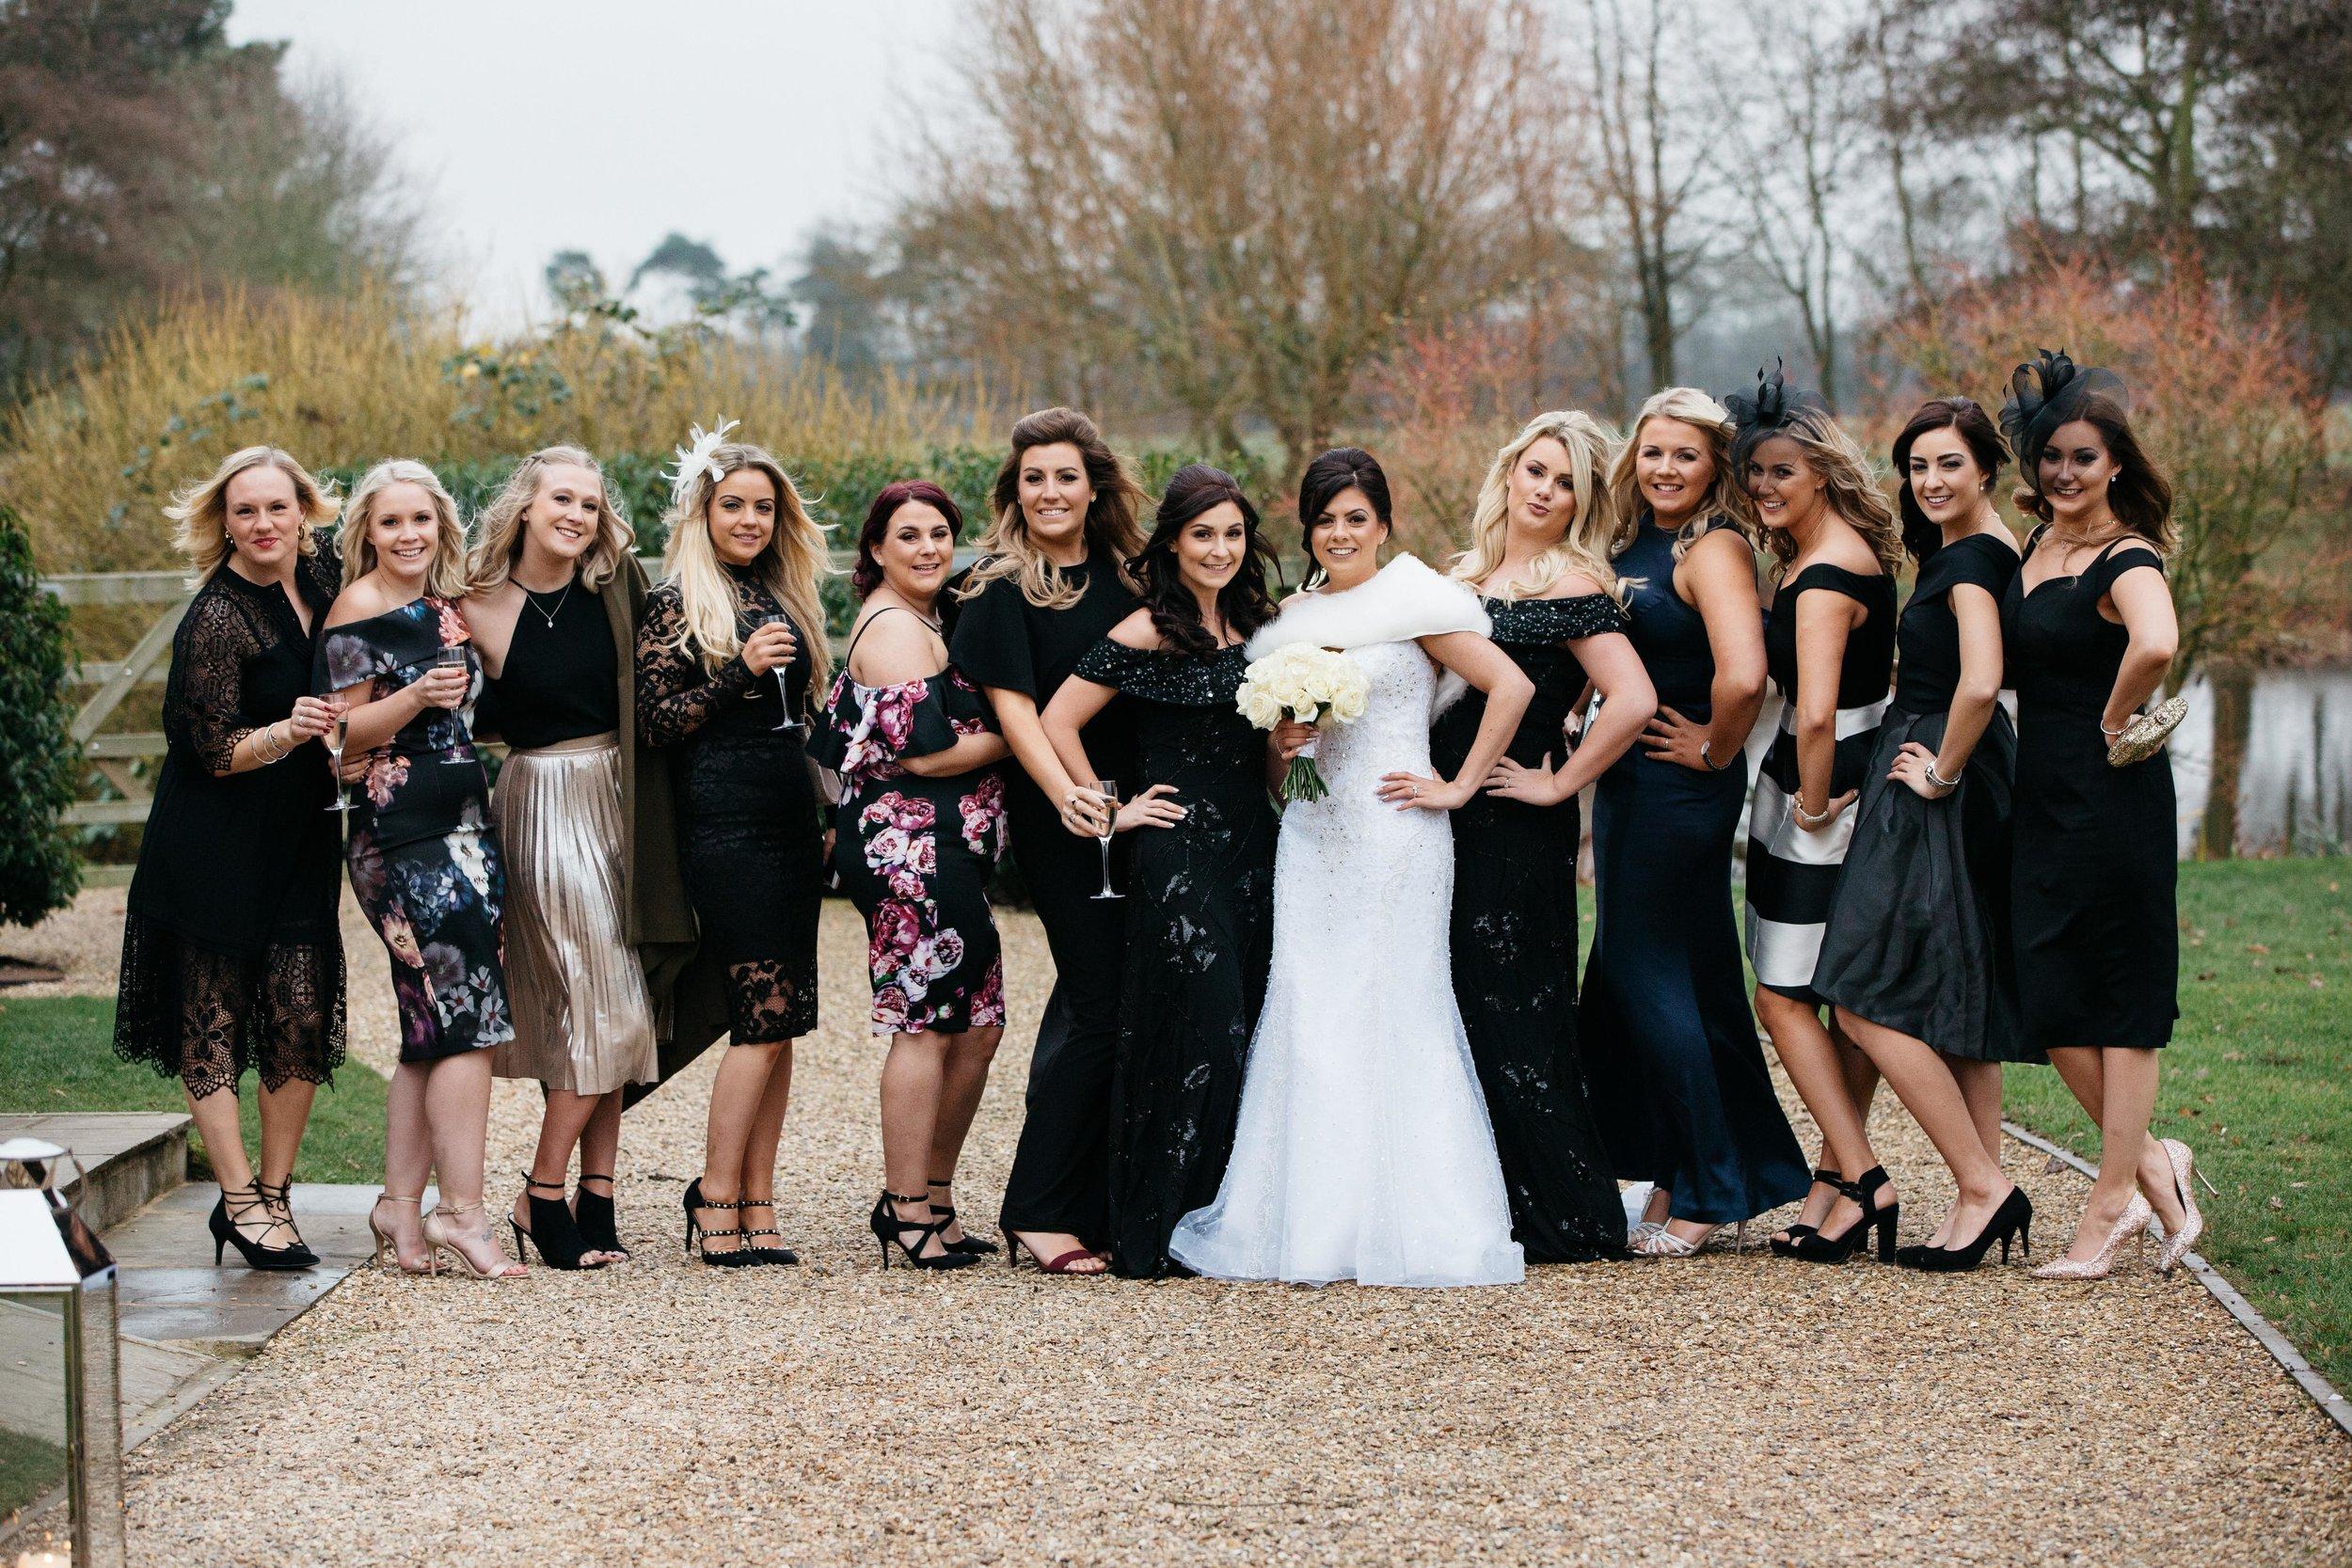 wedding 326-min.jpg